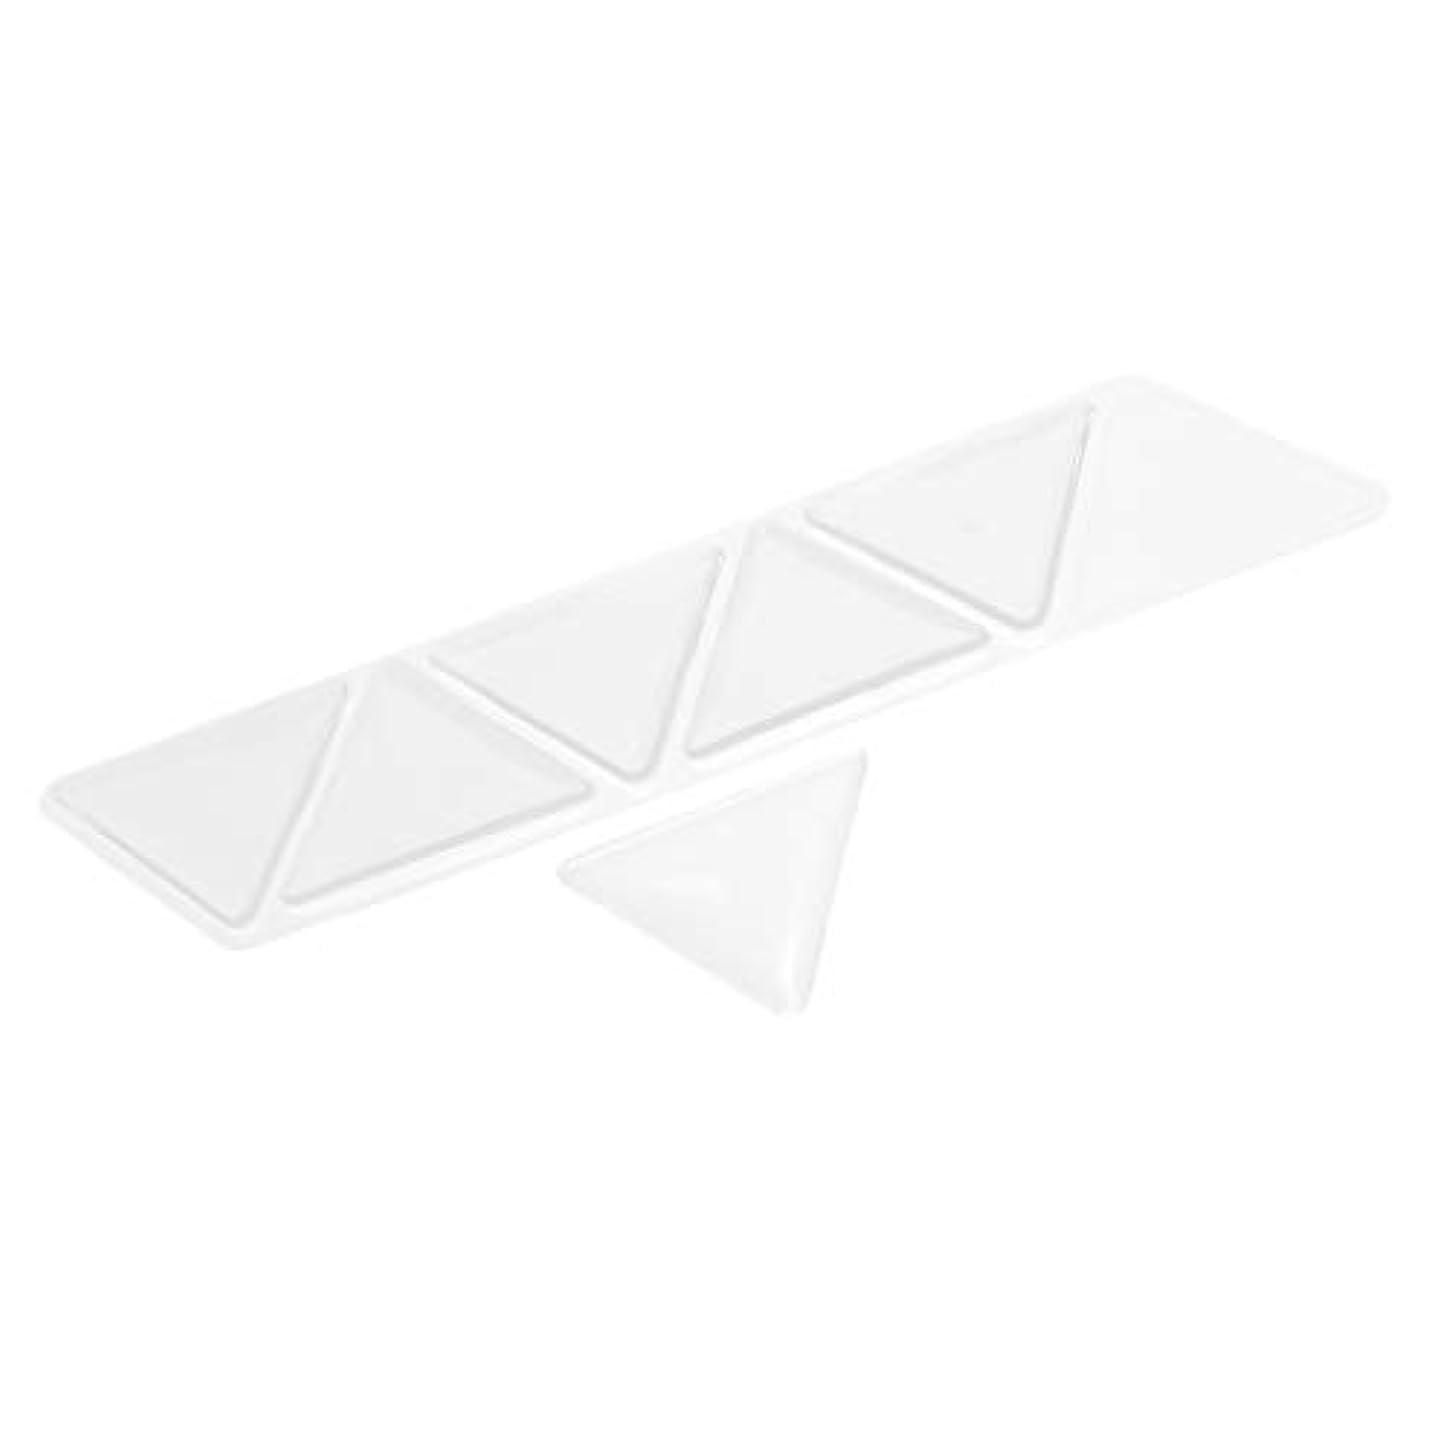 コロニアルポジション浪費額パッド スキンケアパッド アンチリンクル シリコン 三角パッド 再使用可能な